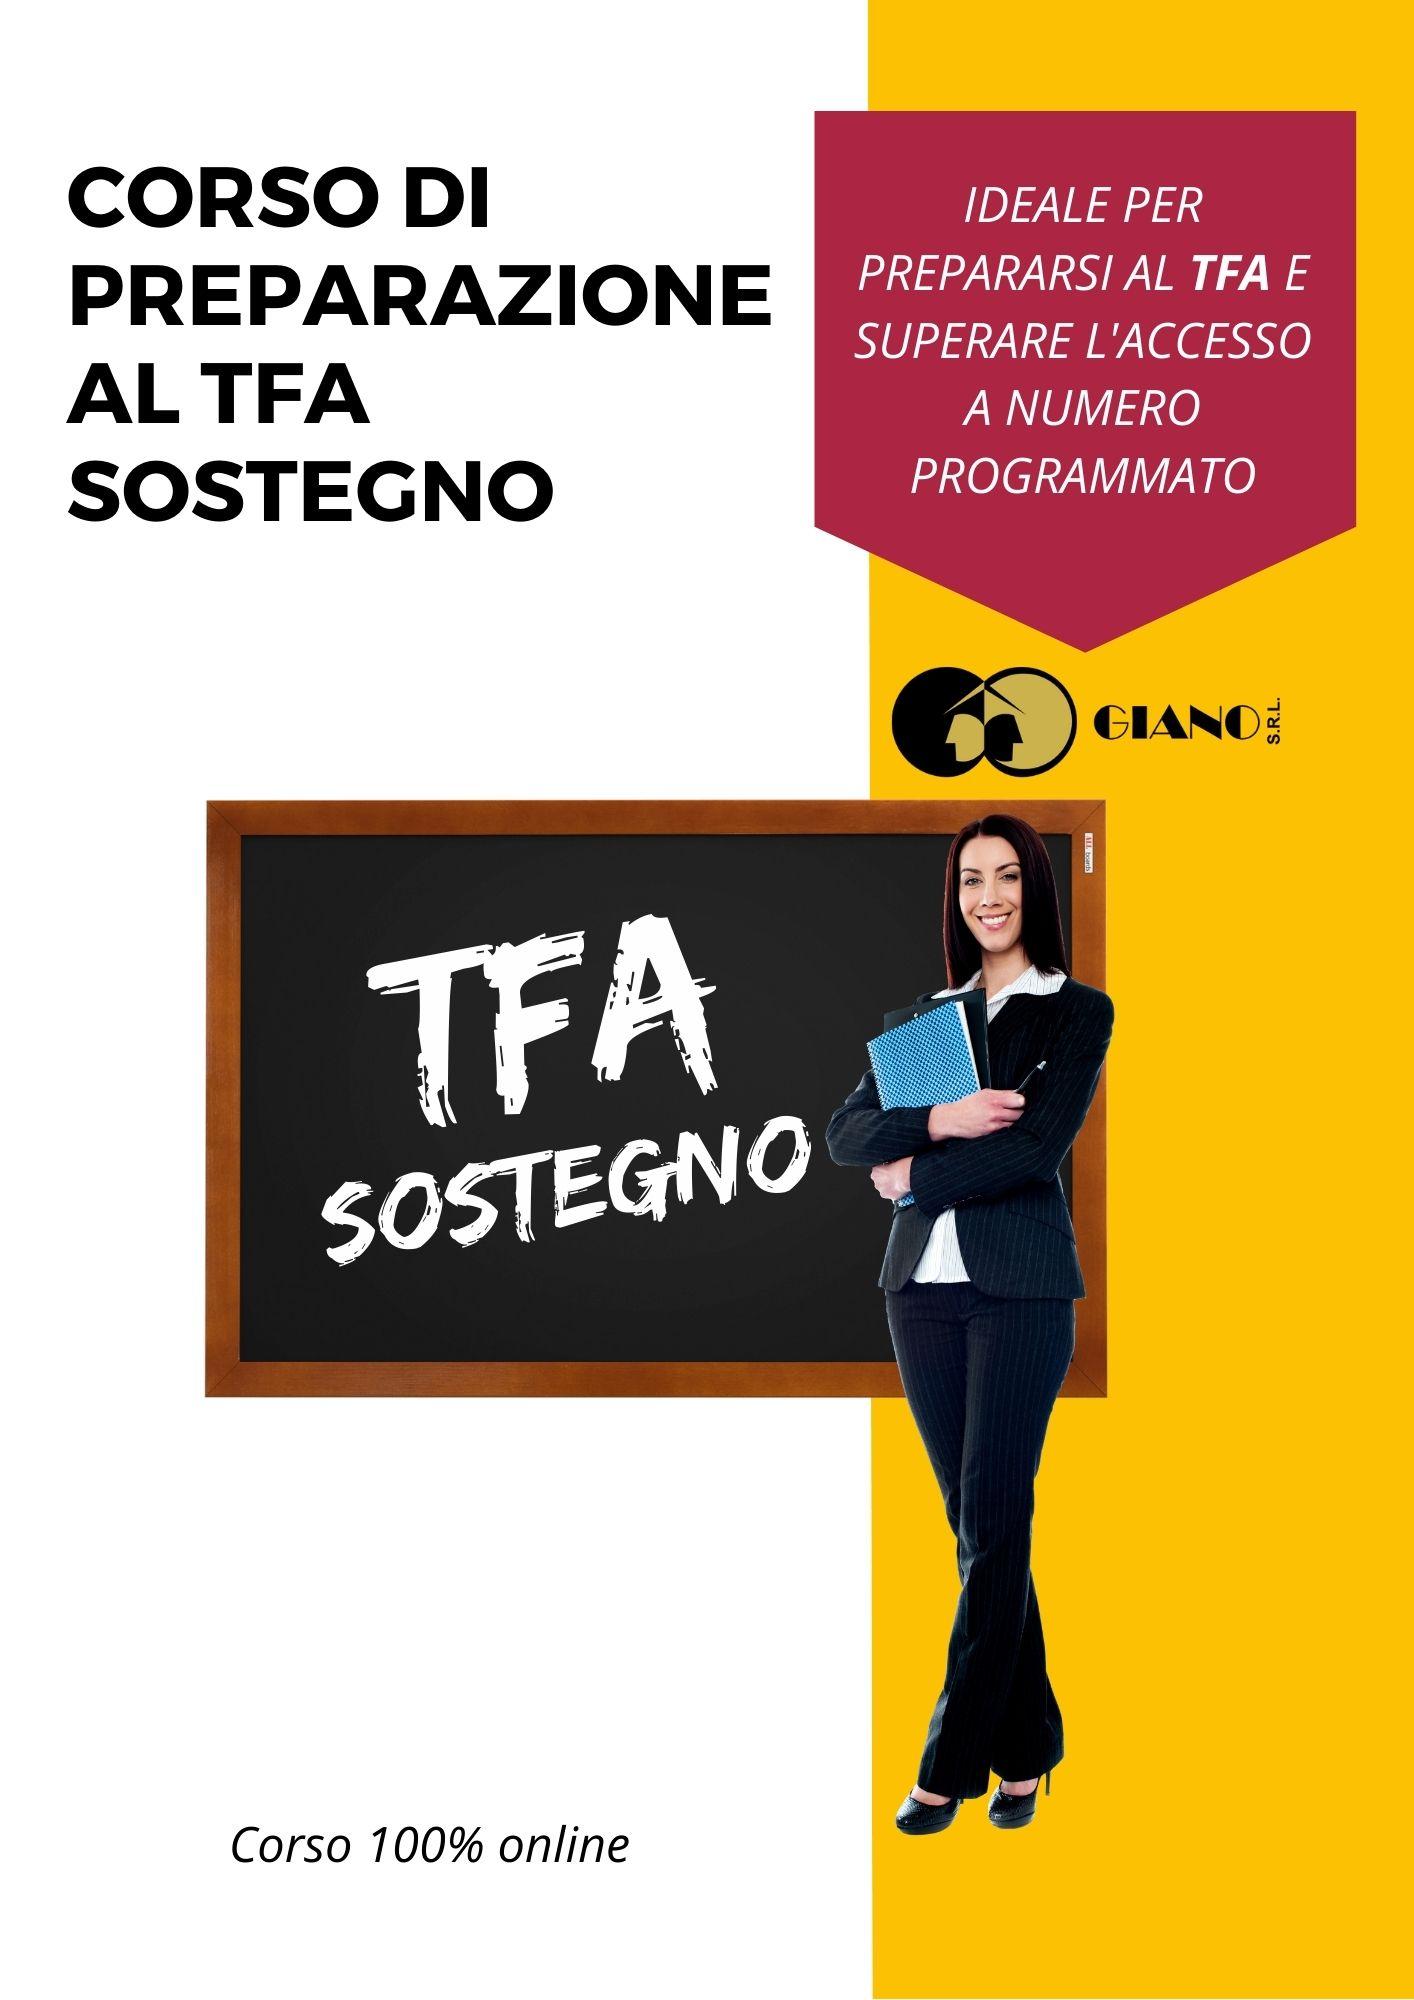 Corso di preparazione al TFA Sostegno